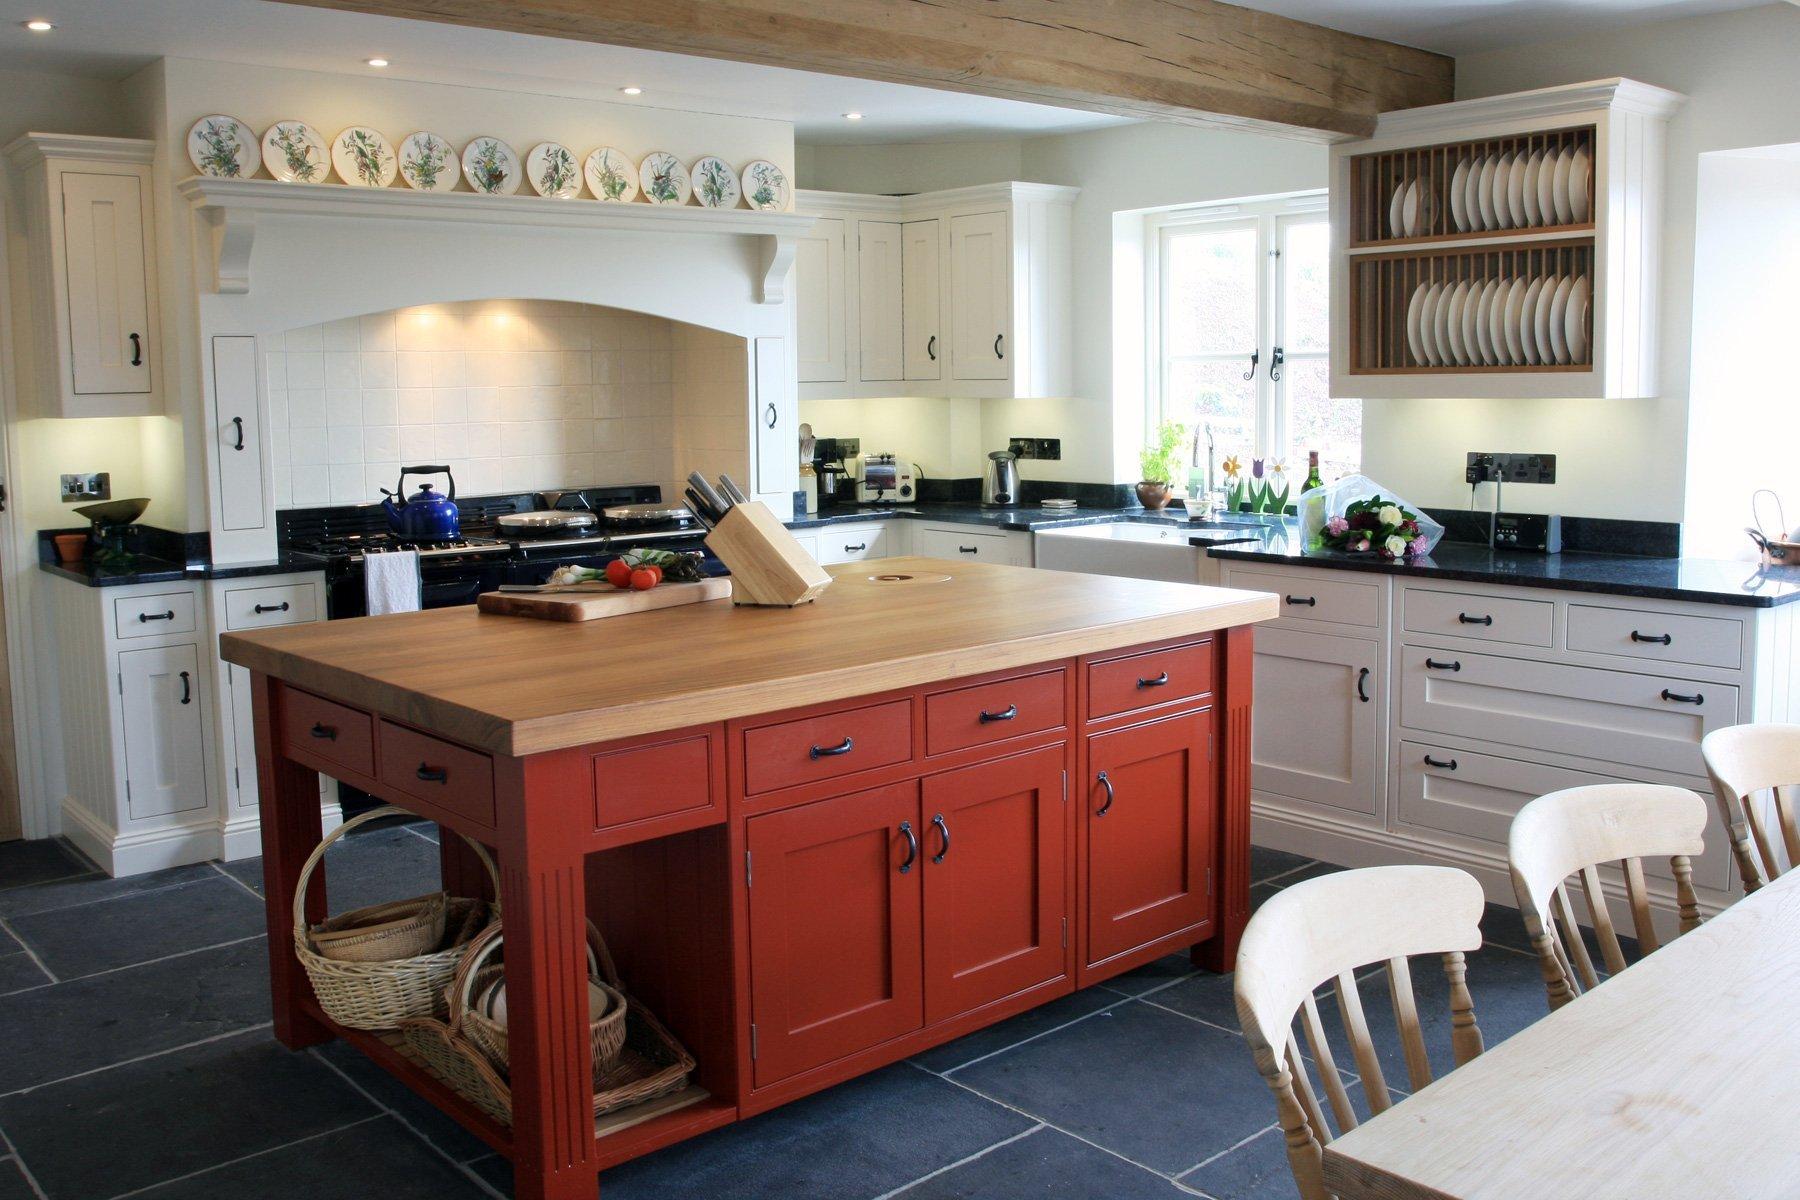 Bespoke Handmade Kitchens Somerset